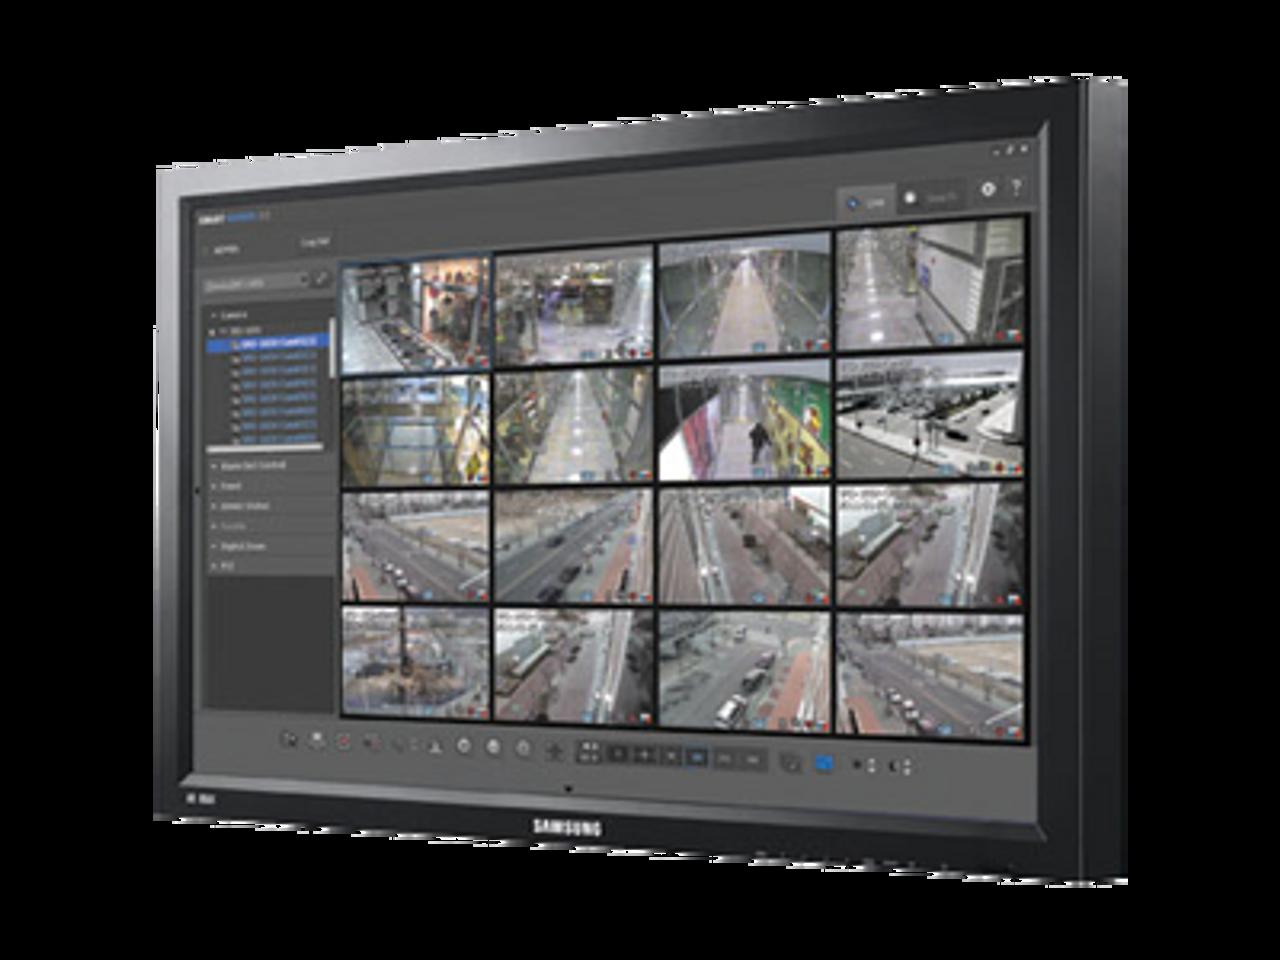 Hanwha SmartViewer Video Management Software